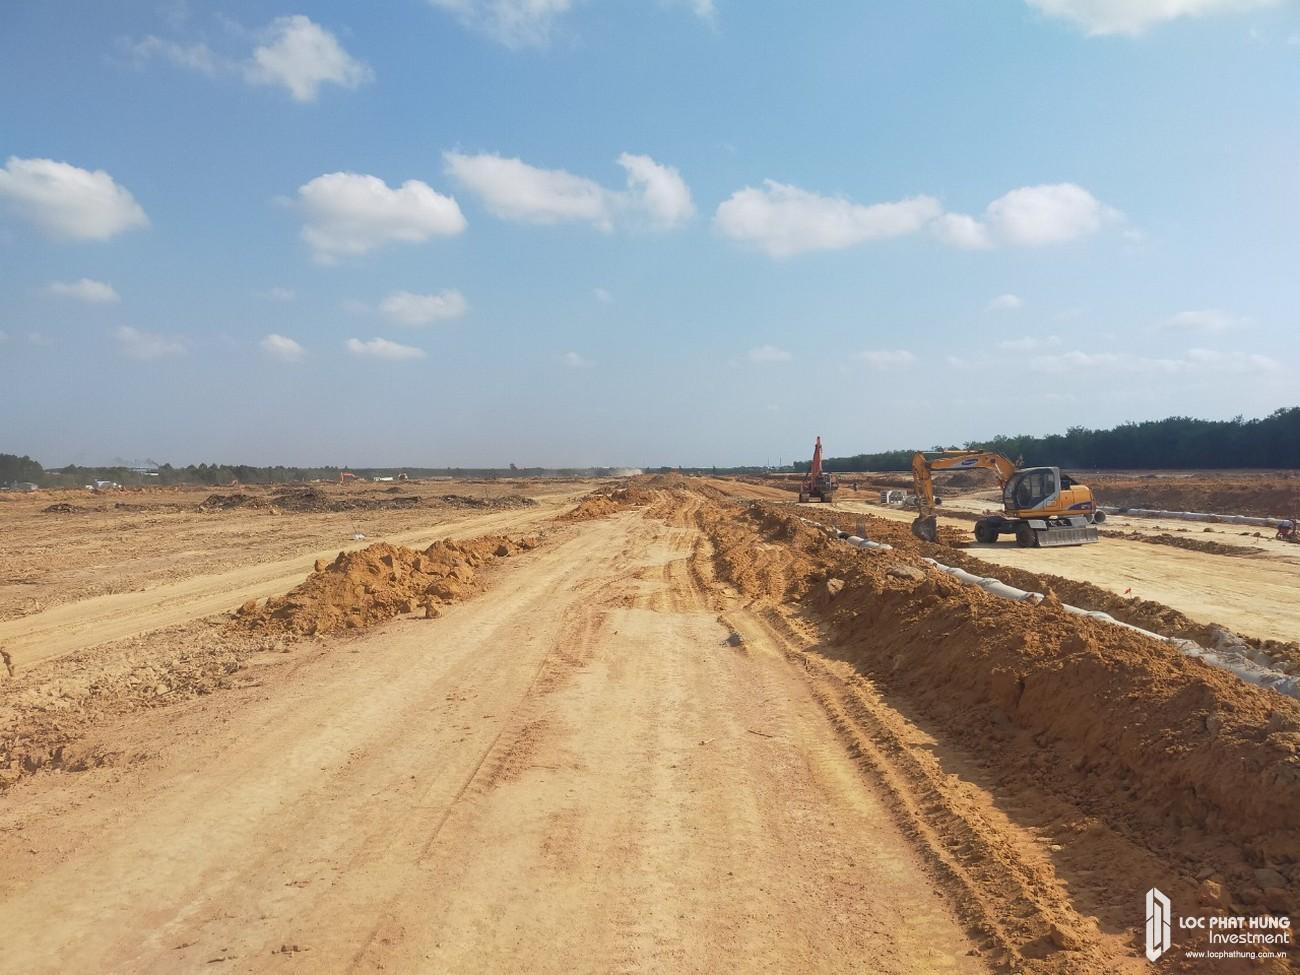 Tiến độ xây dựng dự án nhà phố, biệt thự, Shophouse dự án Gem Skyorld Đồng Nai tháng 04/2020